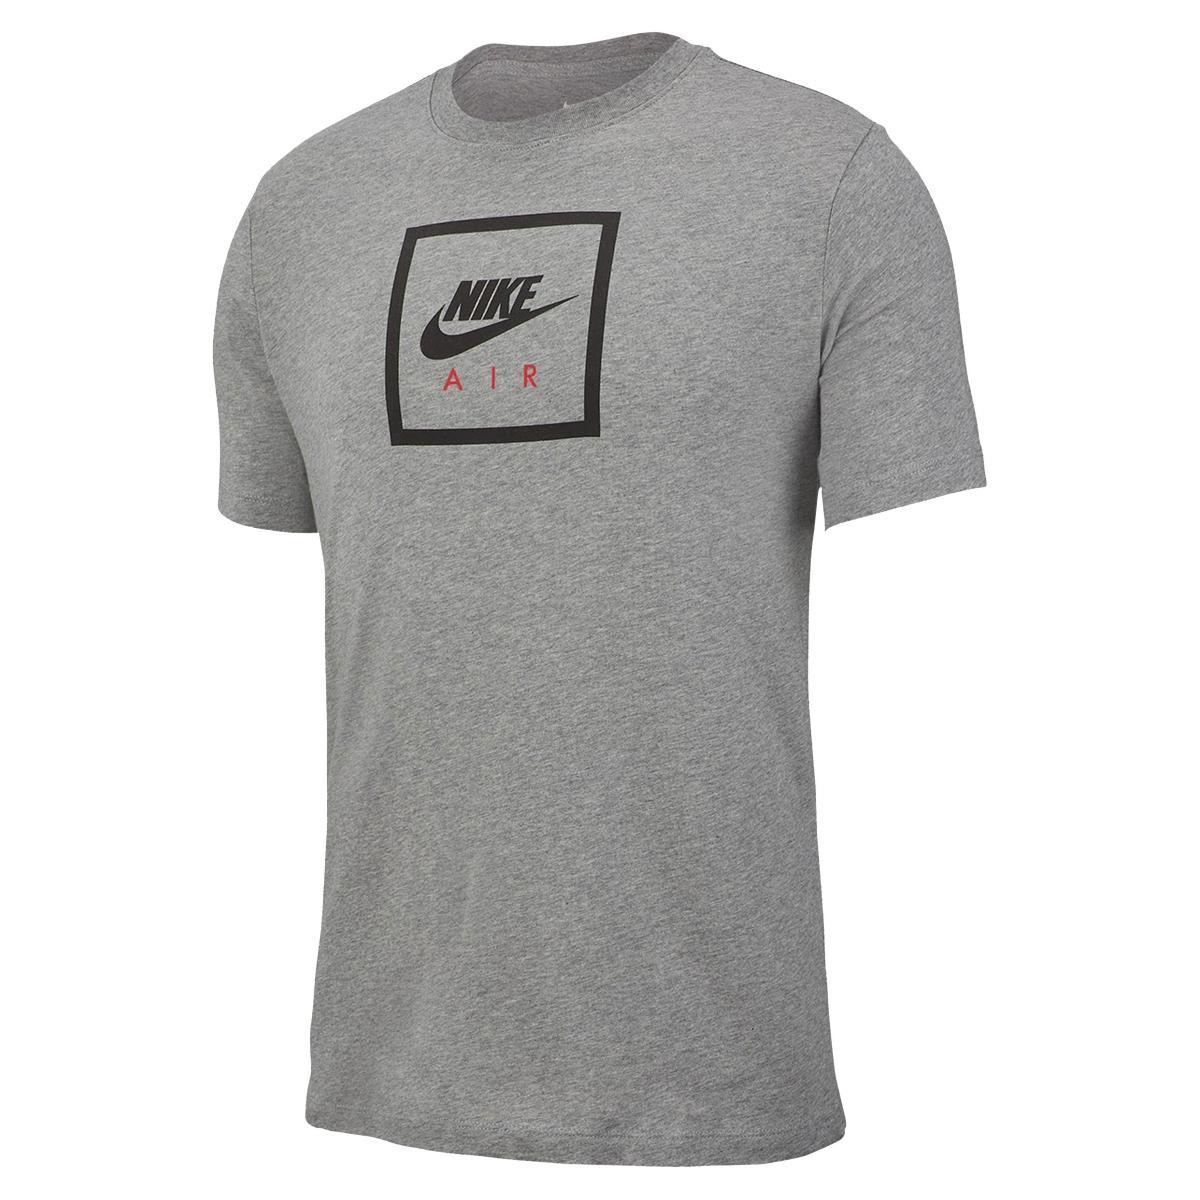 T-shirt Nike Air 2 con stampa sul petto da uomo rif. BV7639-063